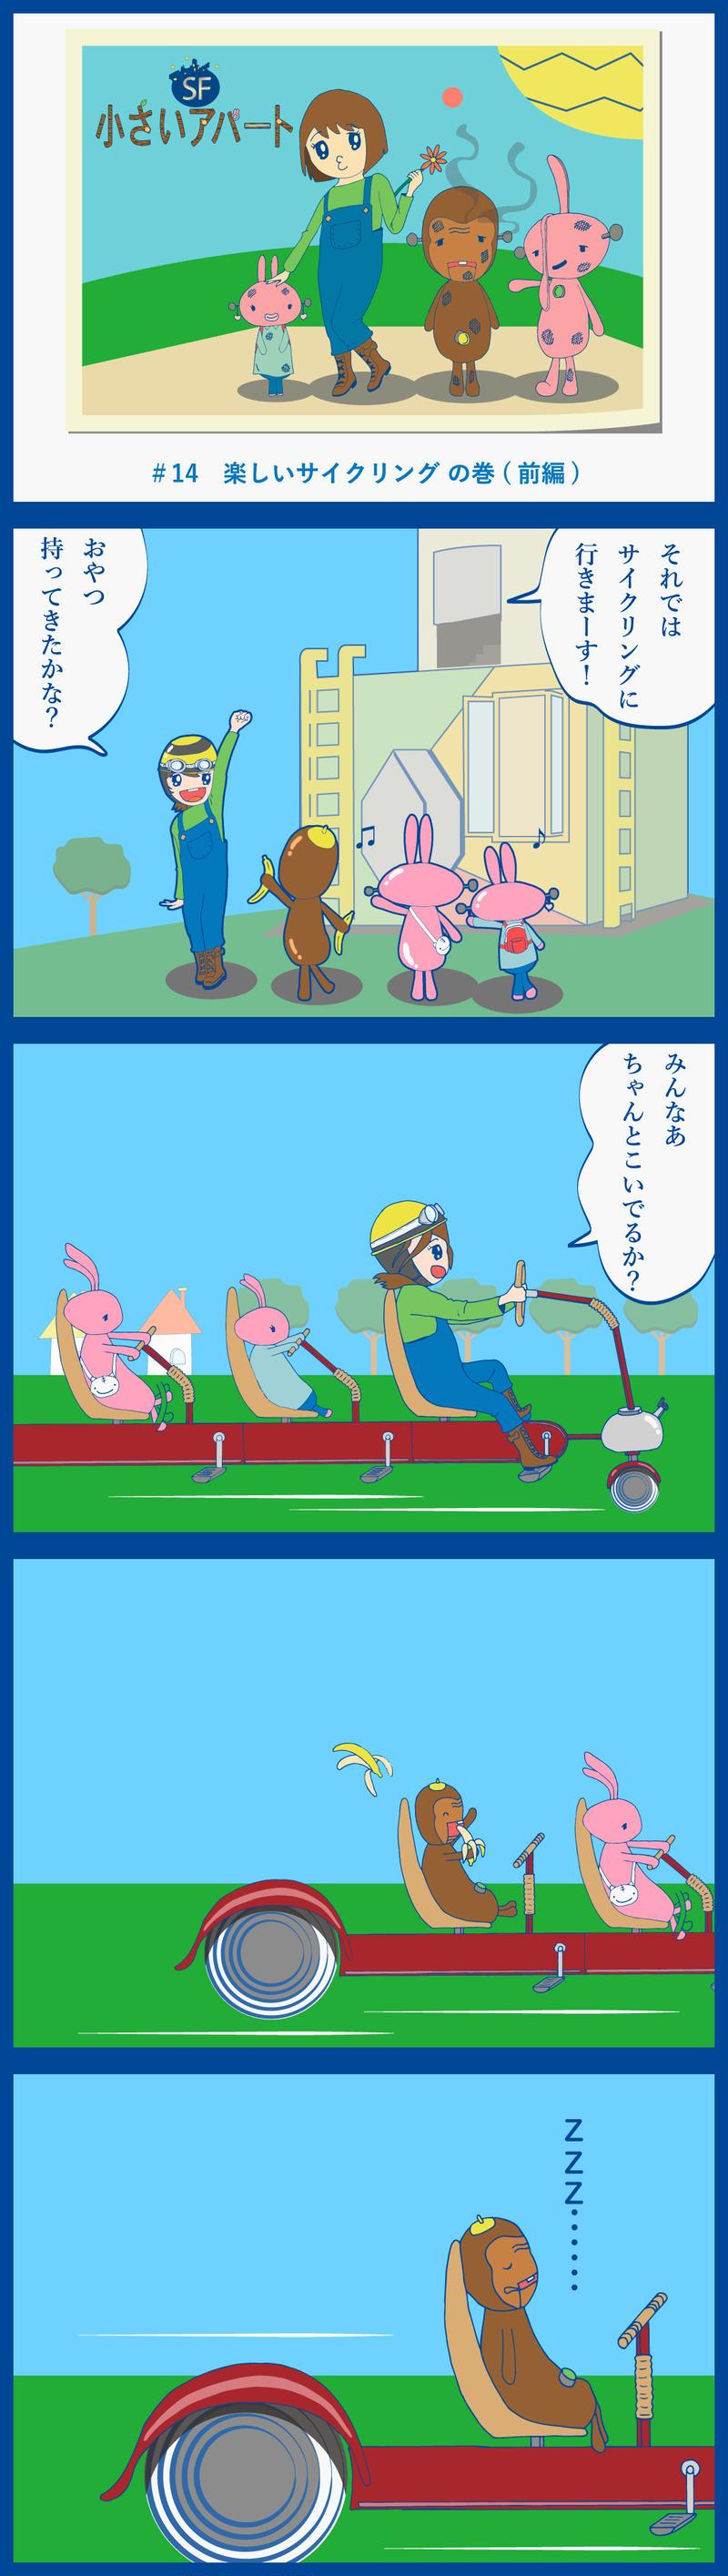 #14 楽しいサイクリング の巻